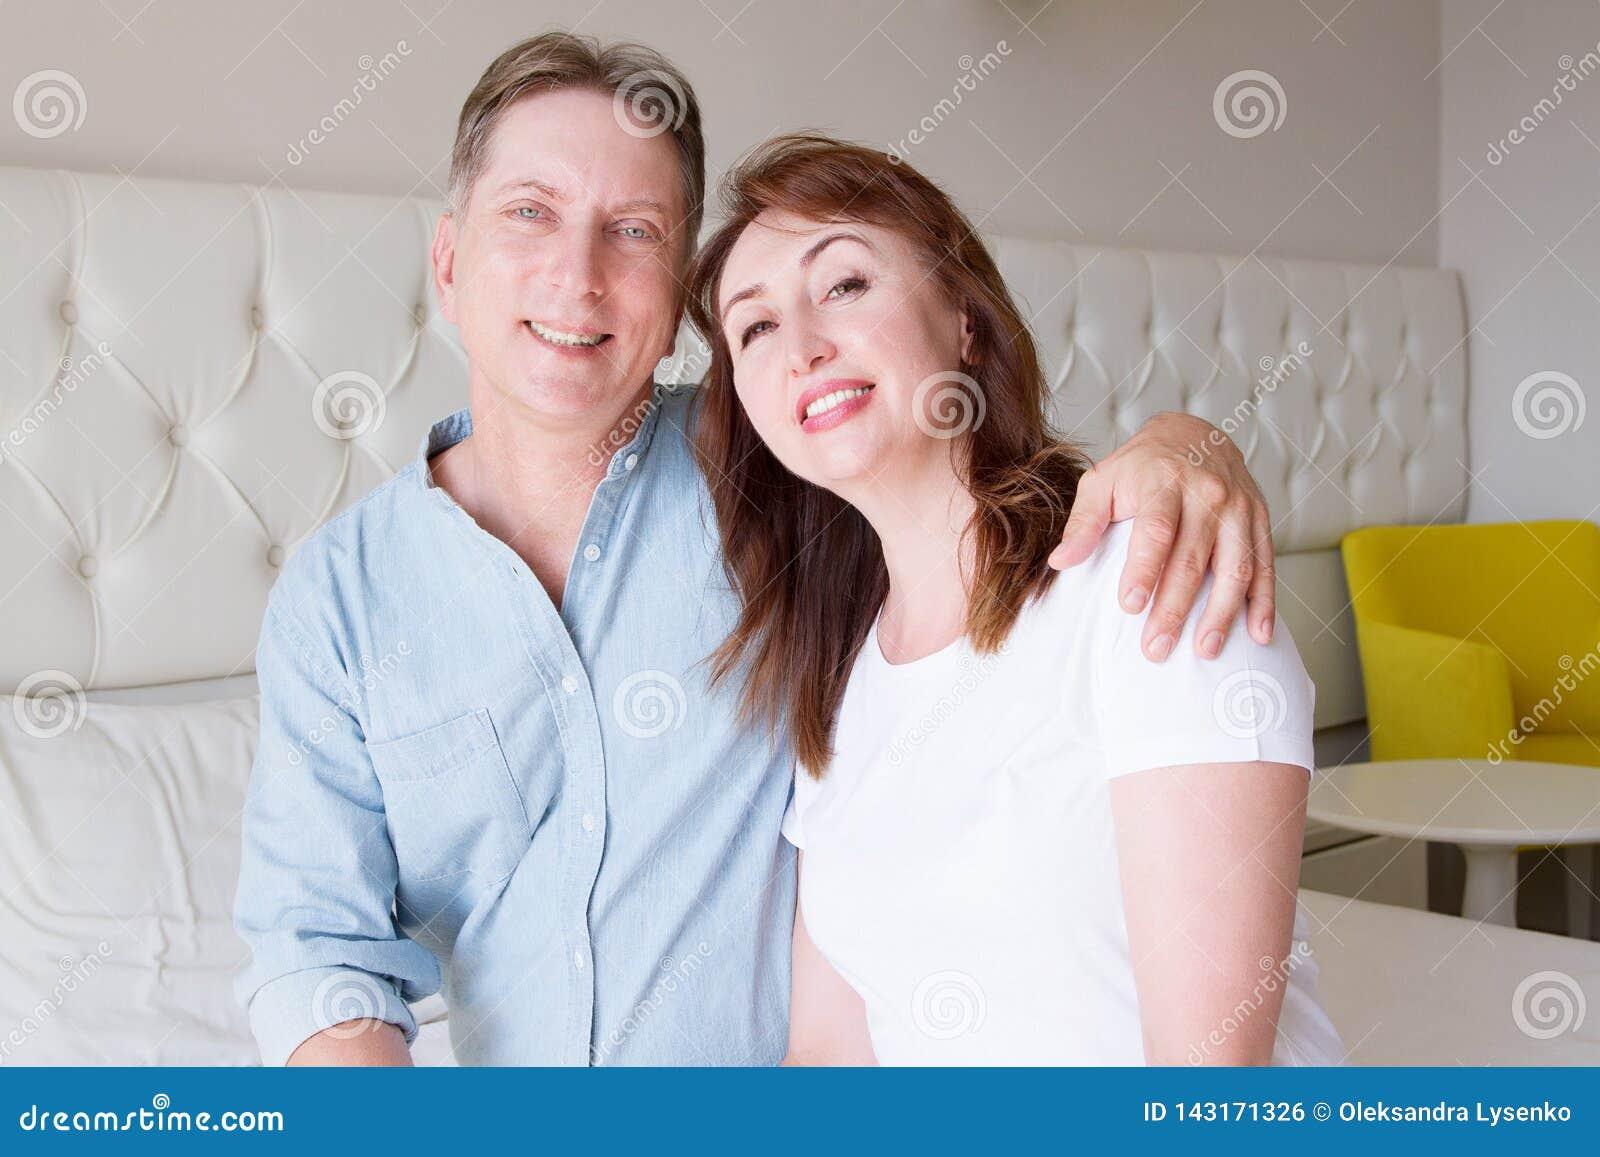 Caras felizes dos povos do close up Pares de sorriso da Idade Média em casa Fim de semana do tempo do divertimento da família e r